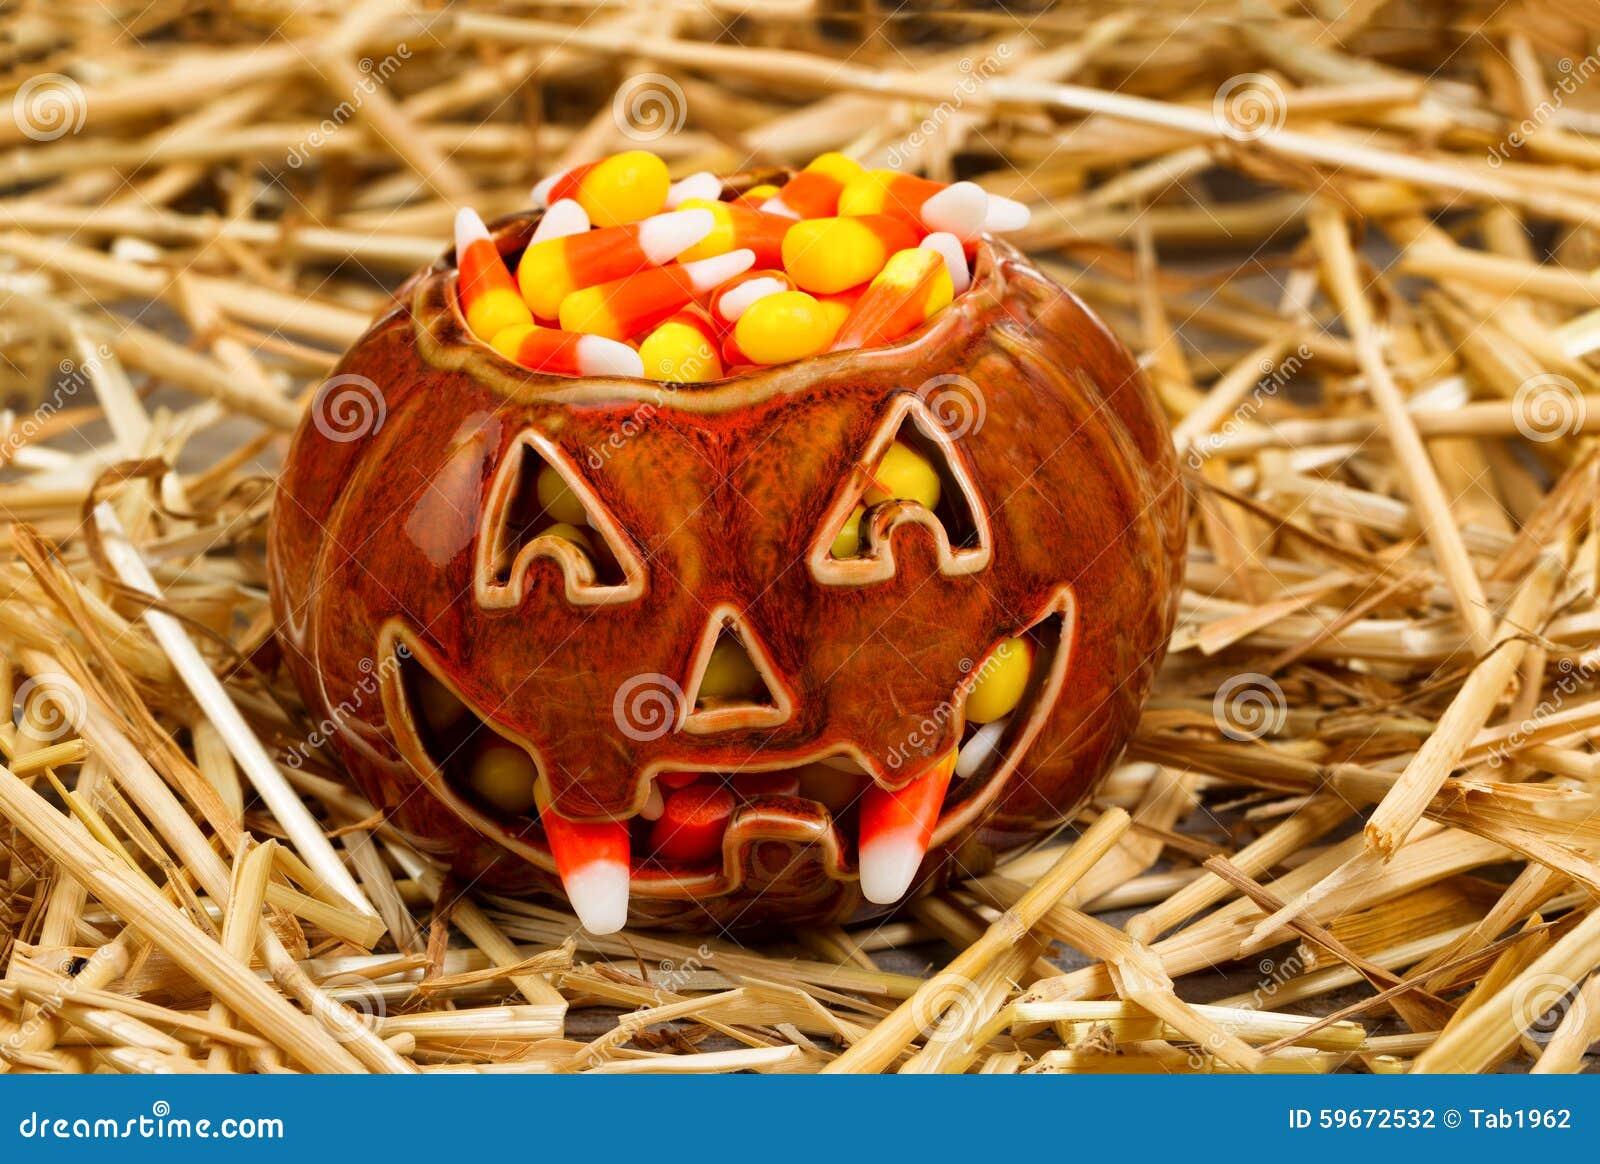 Gespenstischer Kürbis füllte mit Süßigkeitsmais auf Stroh